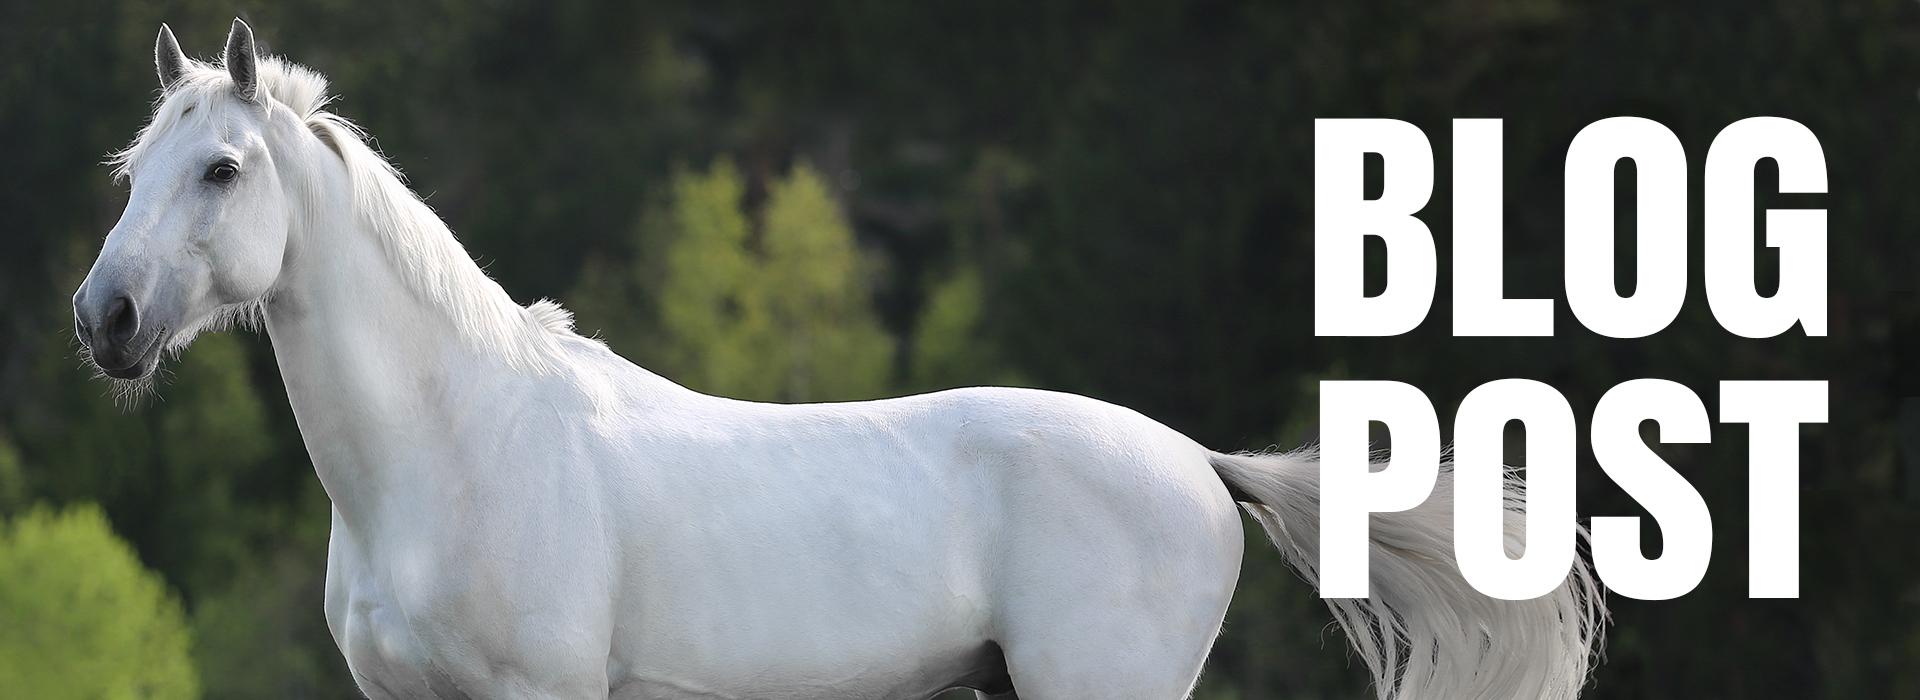 Blog - Comment entretenir la robe d'un cheval gris ?